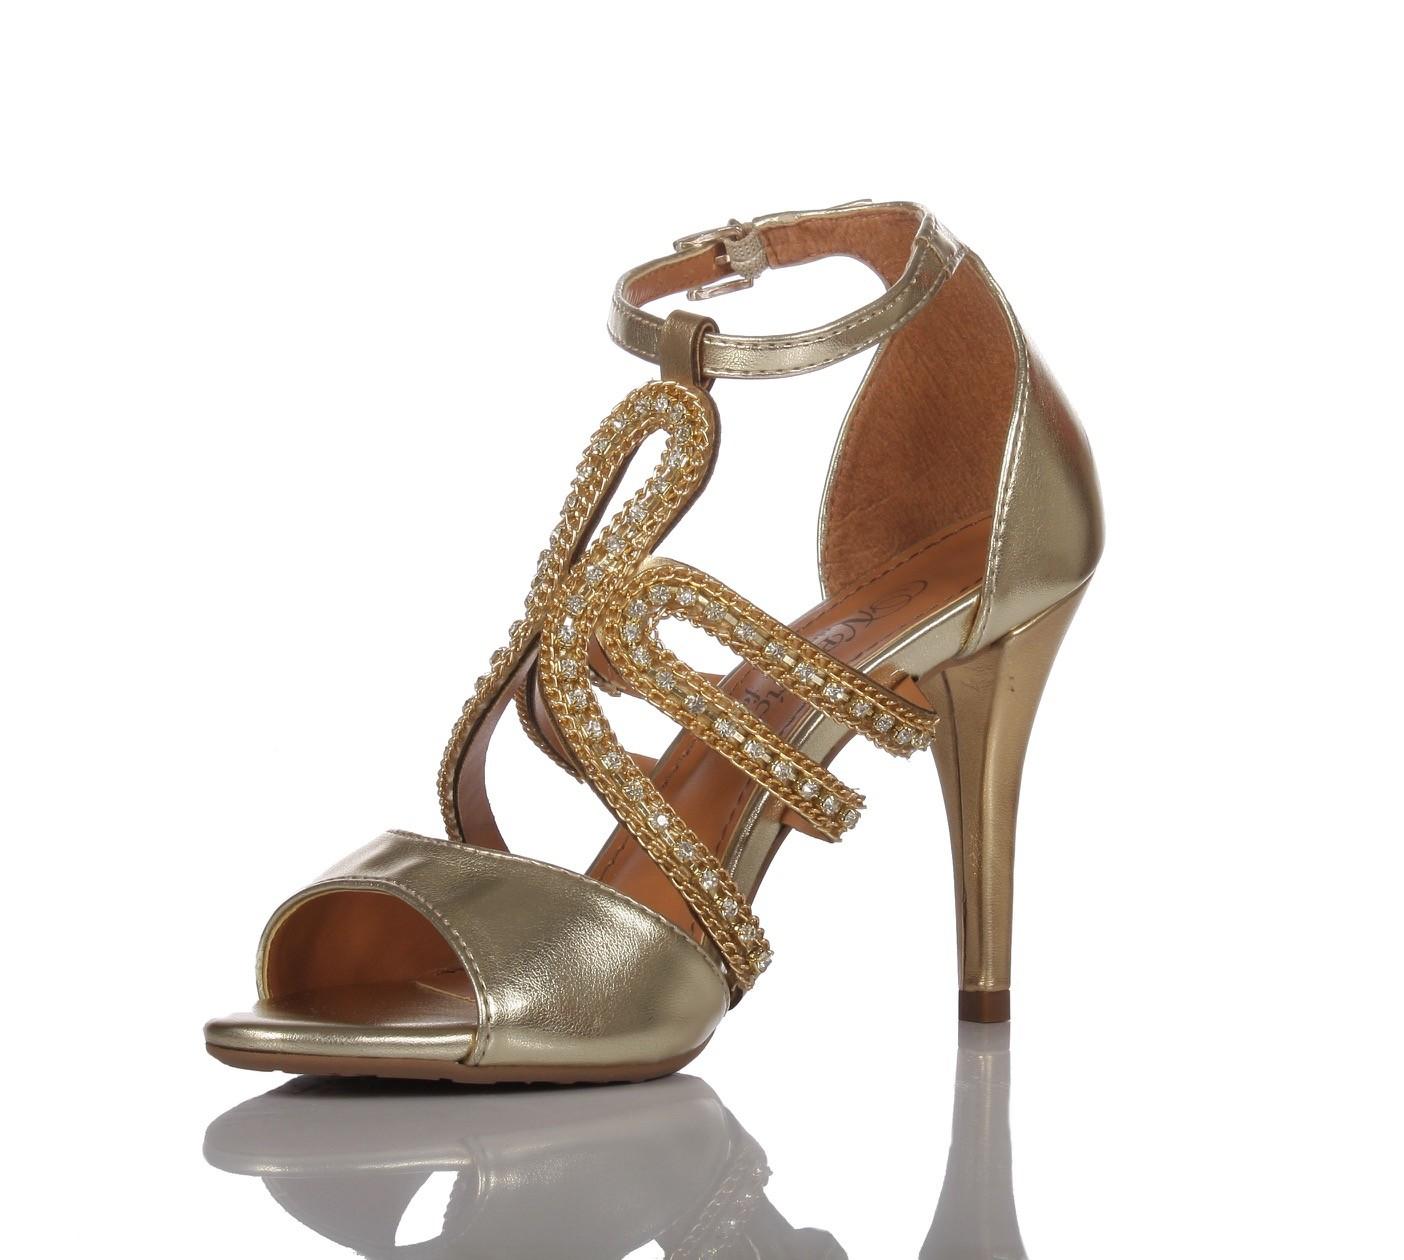 3d3c8b924 Sapato de festa PNF 60 Dourada Strass - Patricia Noivas & Festas